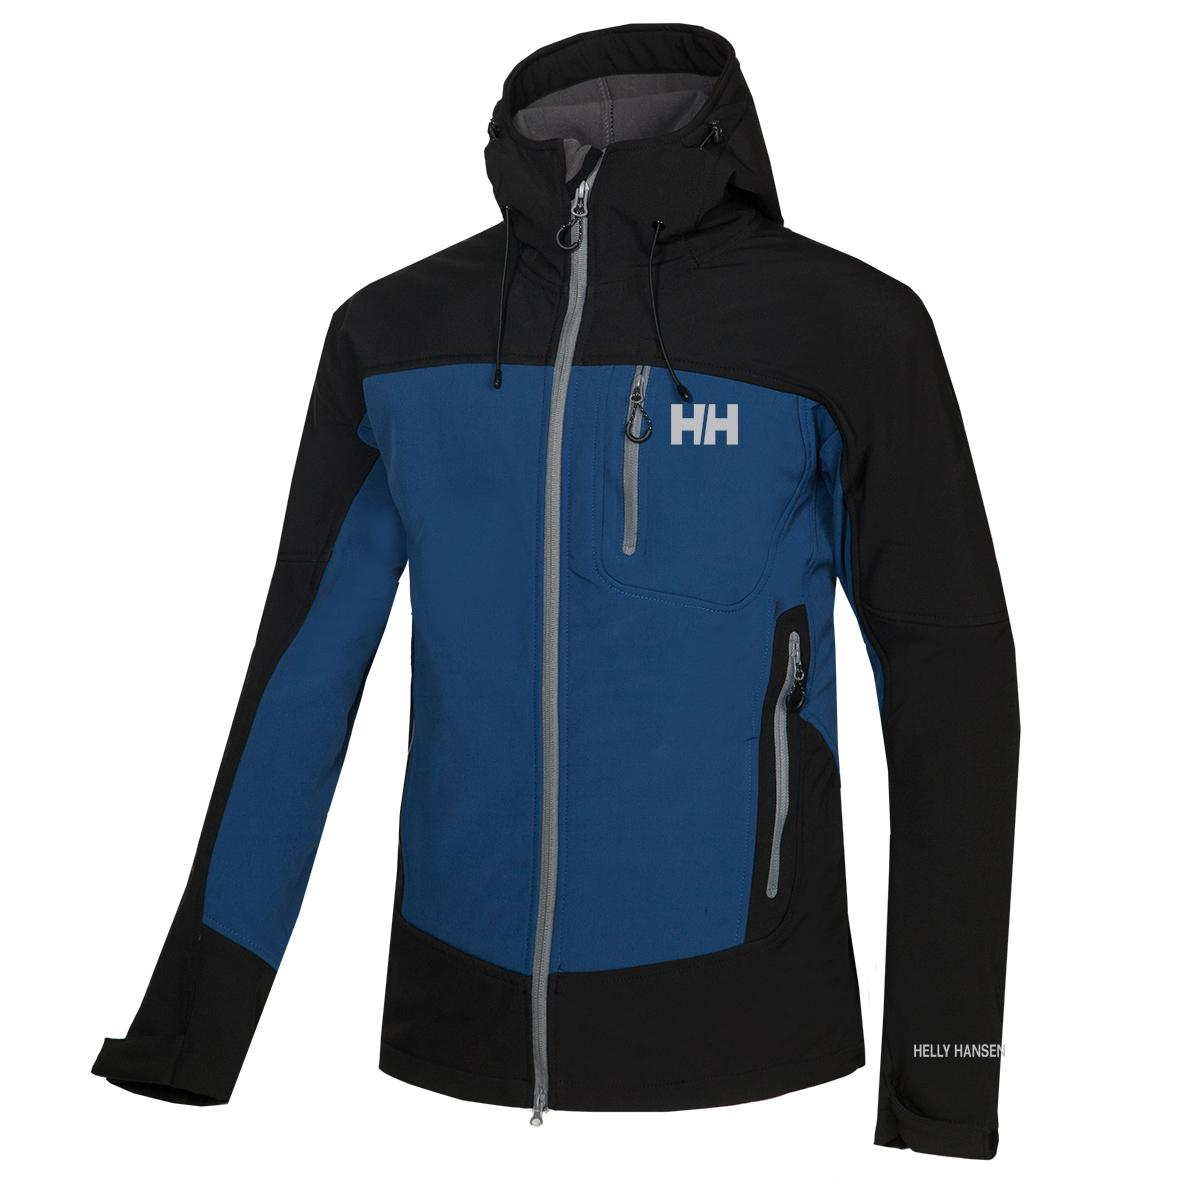 2019 новый мужские куртки Толстовки вскользь Теплый ветрозащитный Ski Face пальто На открытом воздухе Denali флисовые куртки Подходит S-XXL 09